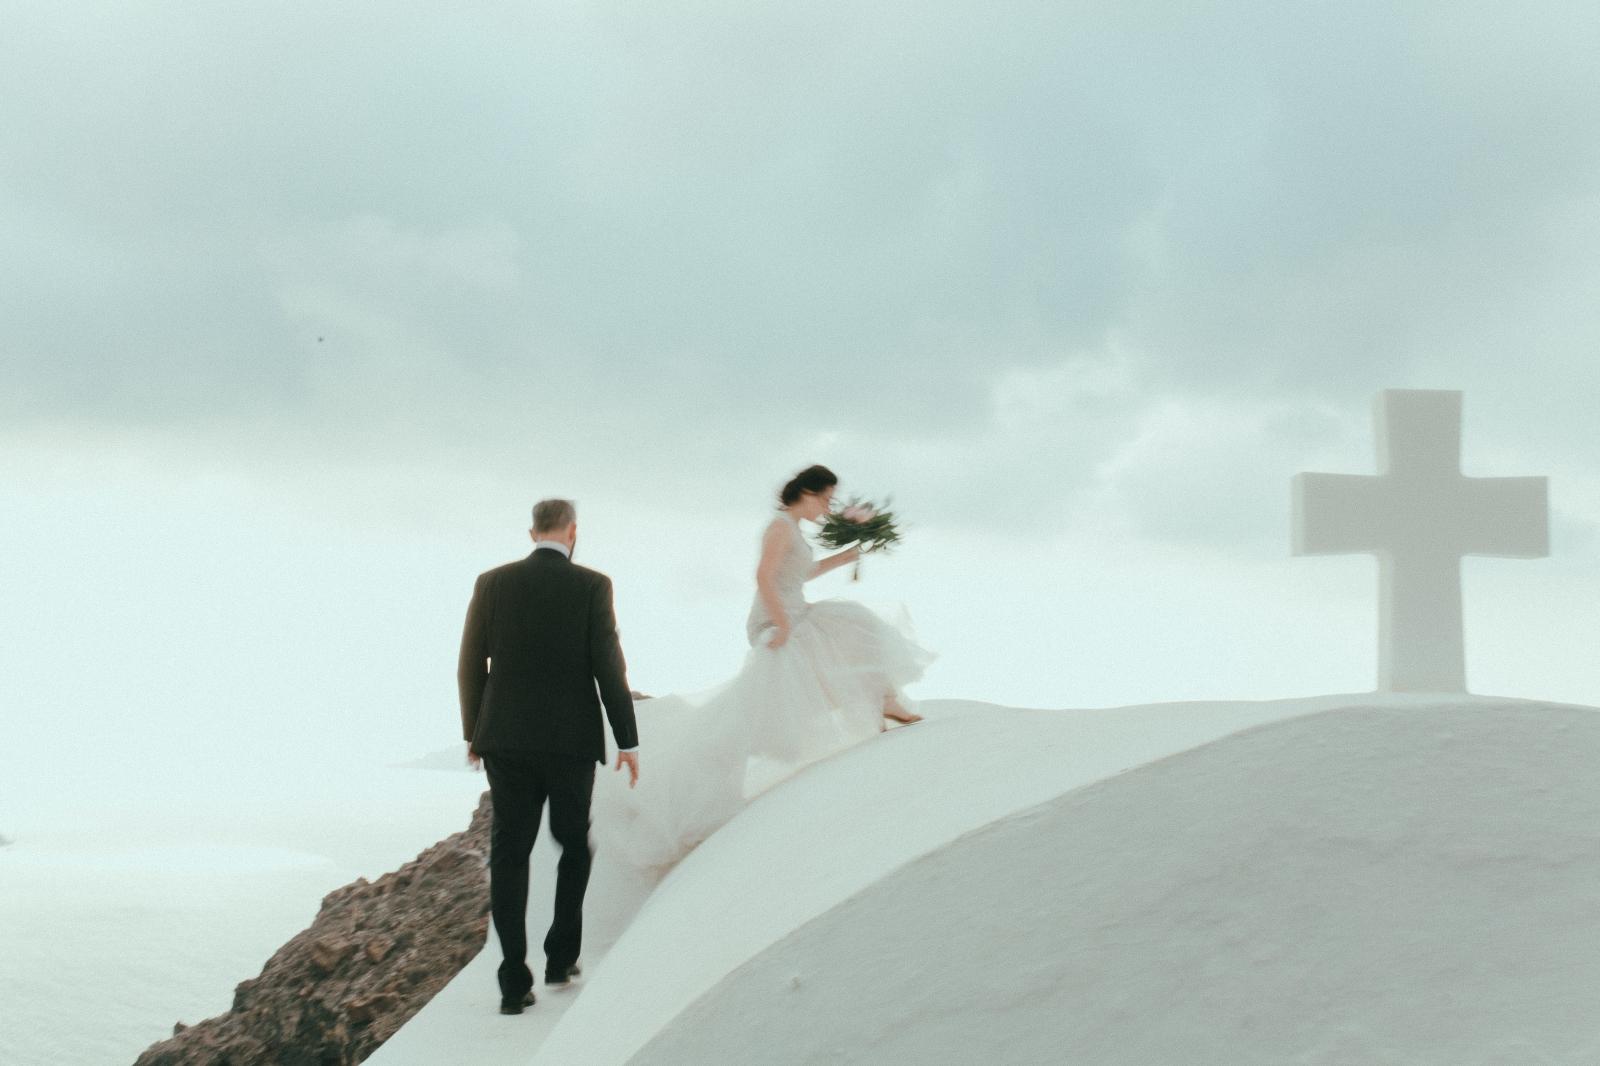 santorini-wedding-photographer35.jpg